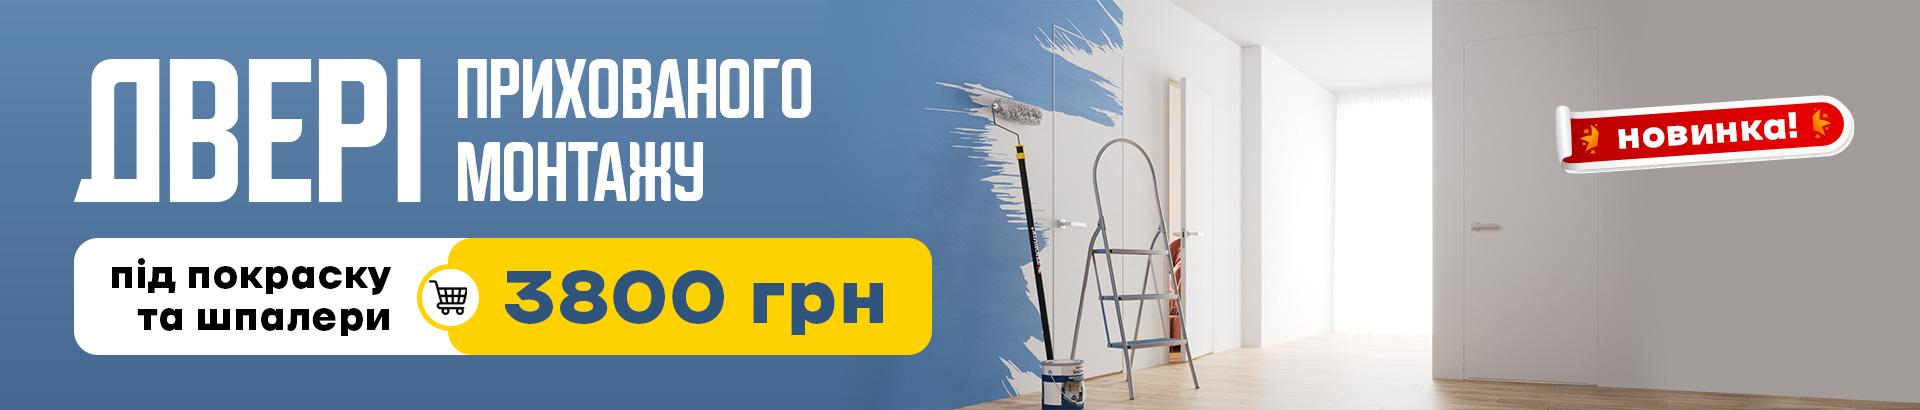 best_dveri_pruxovanuy_montazh_1920x410_banner